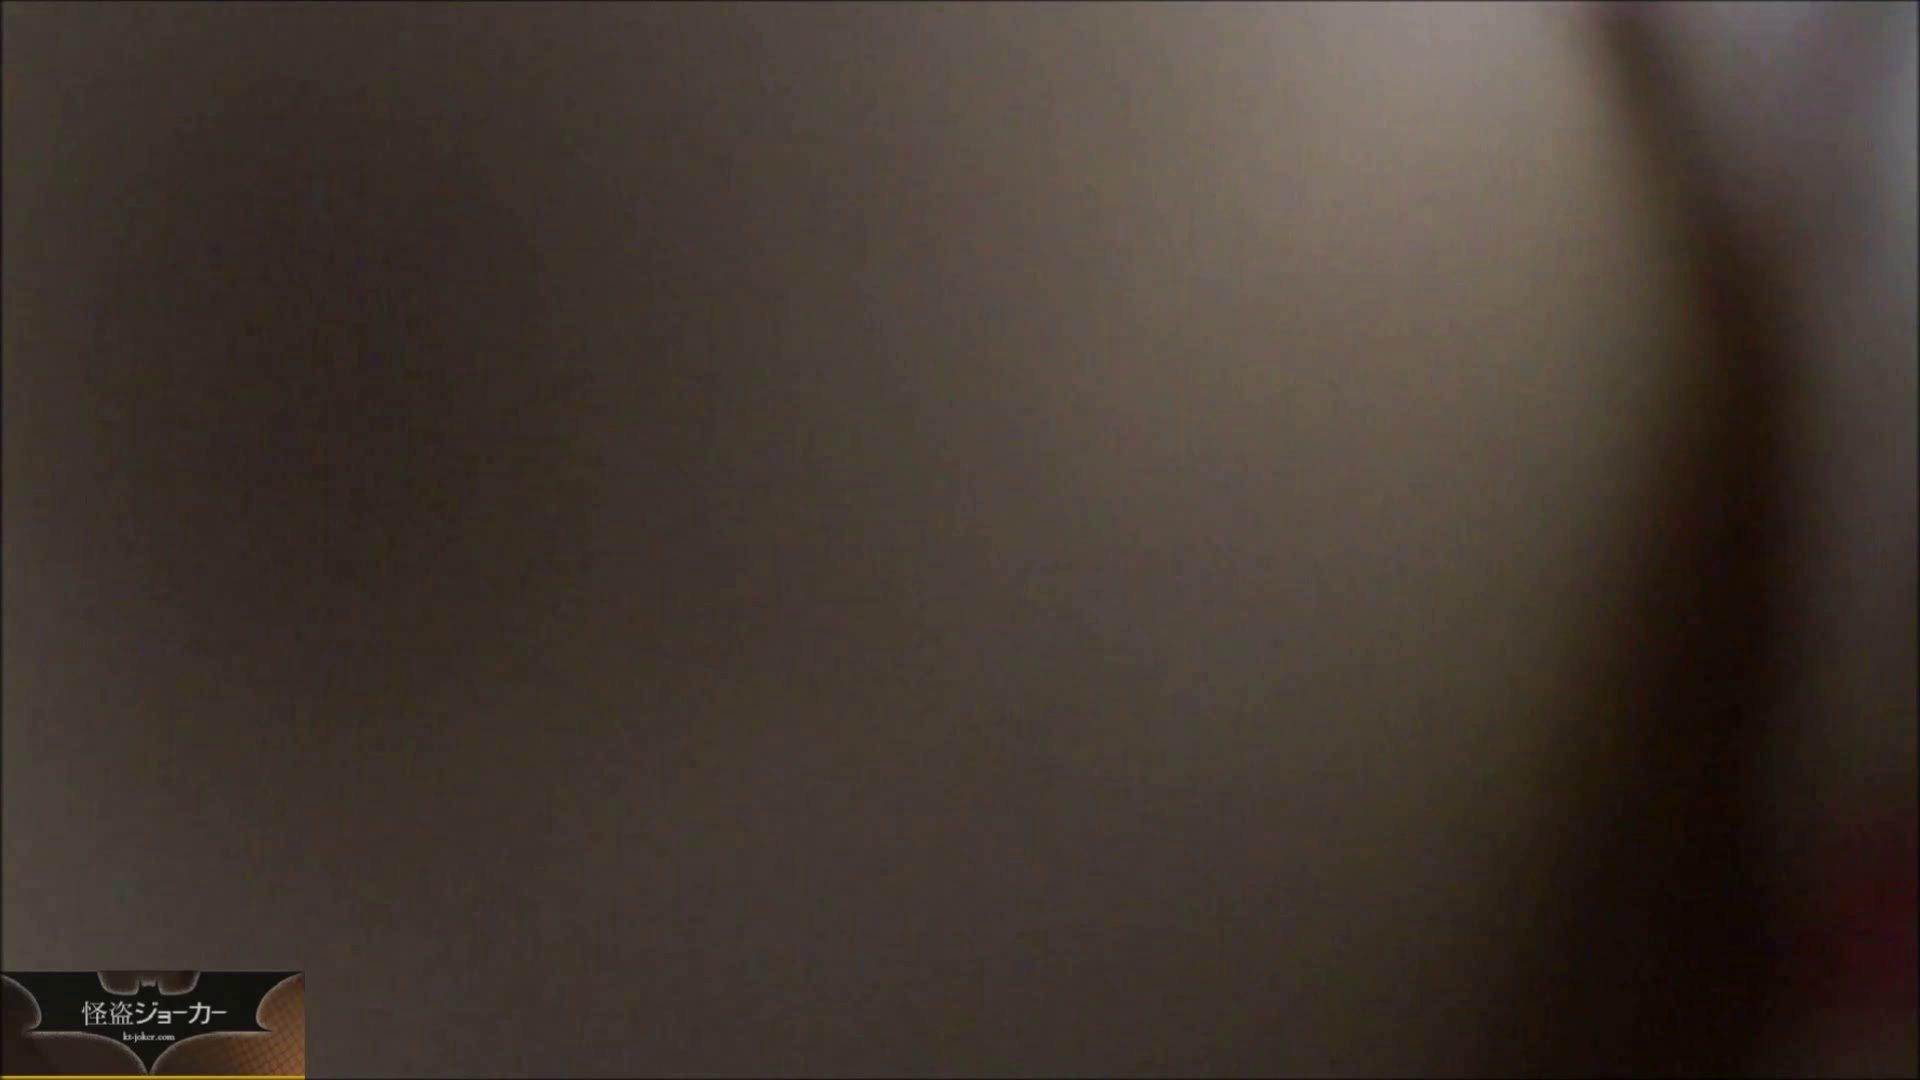 おまんこ 【未公開】vol.23 ユリナ、寝取られのアト。 怪盗ジョーカー